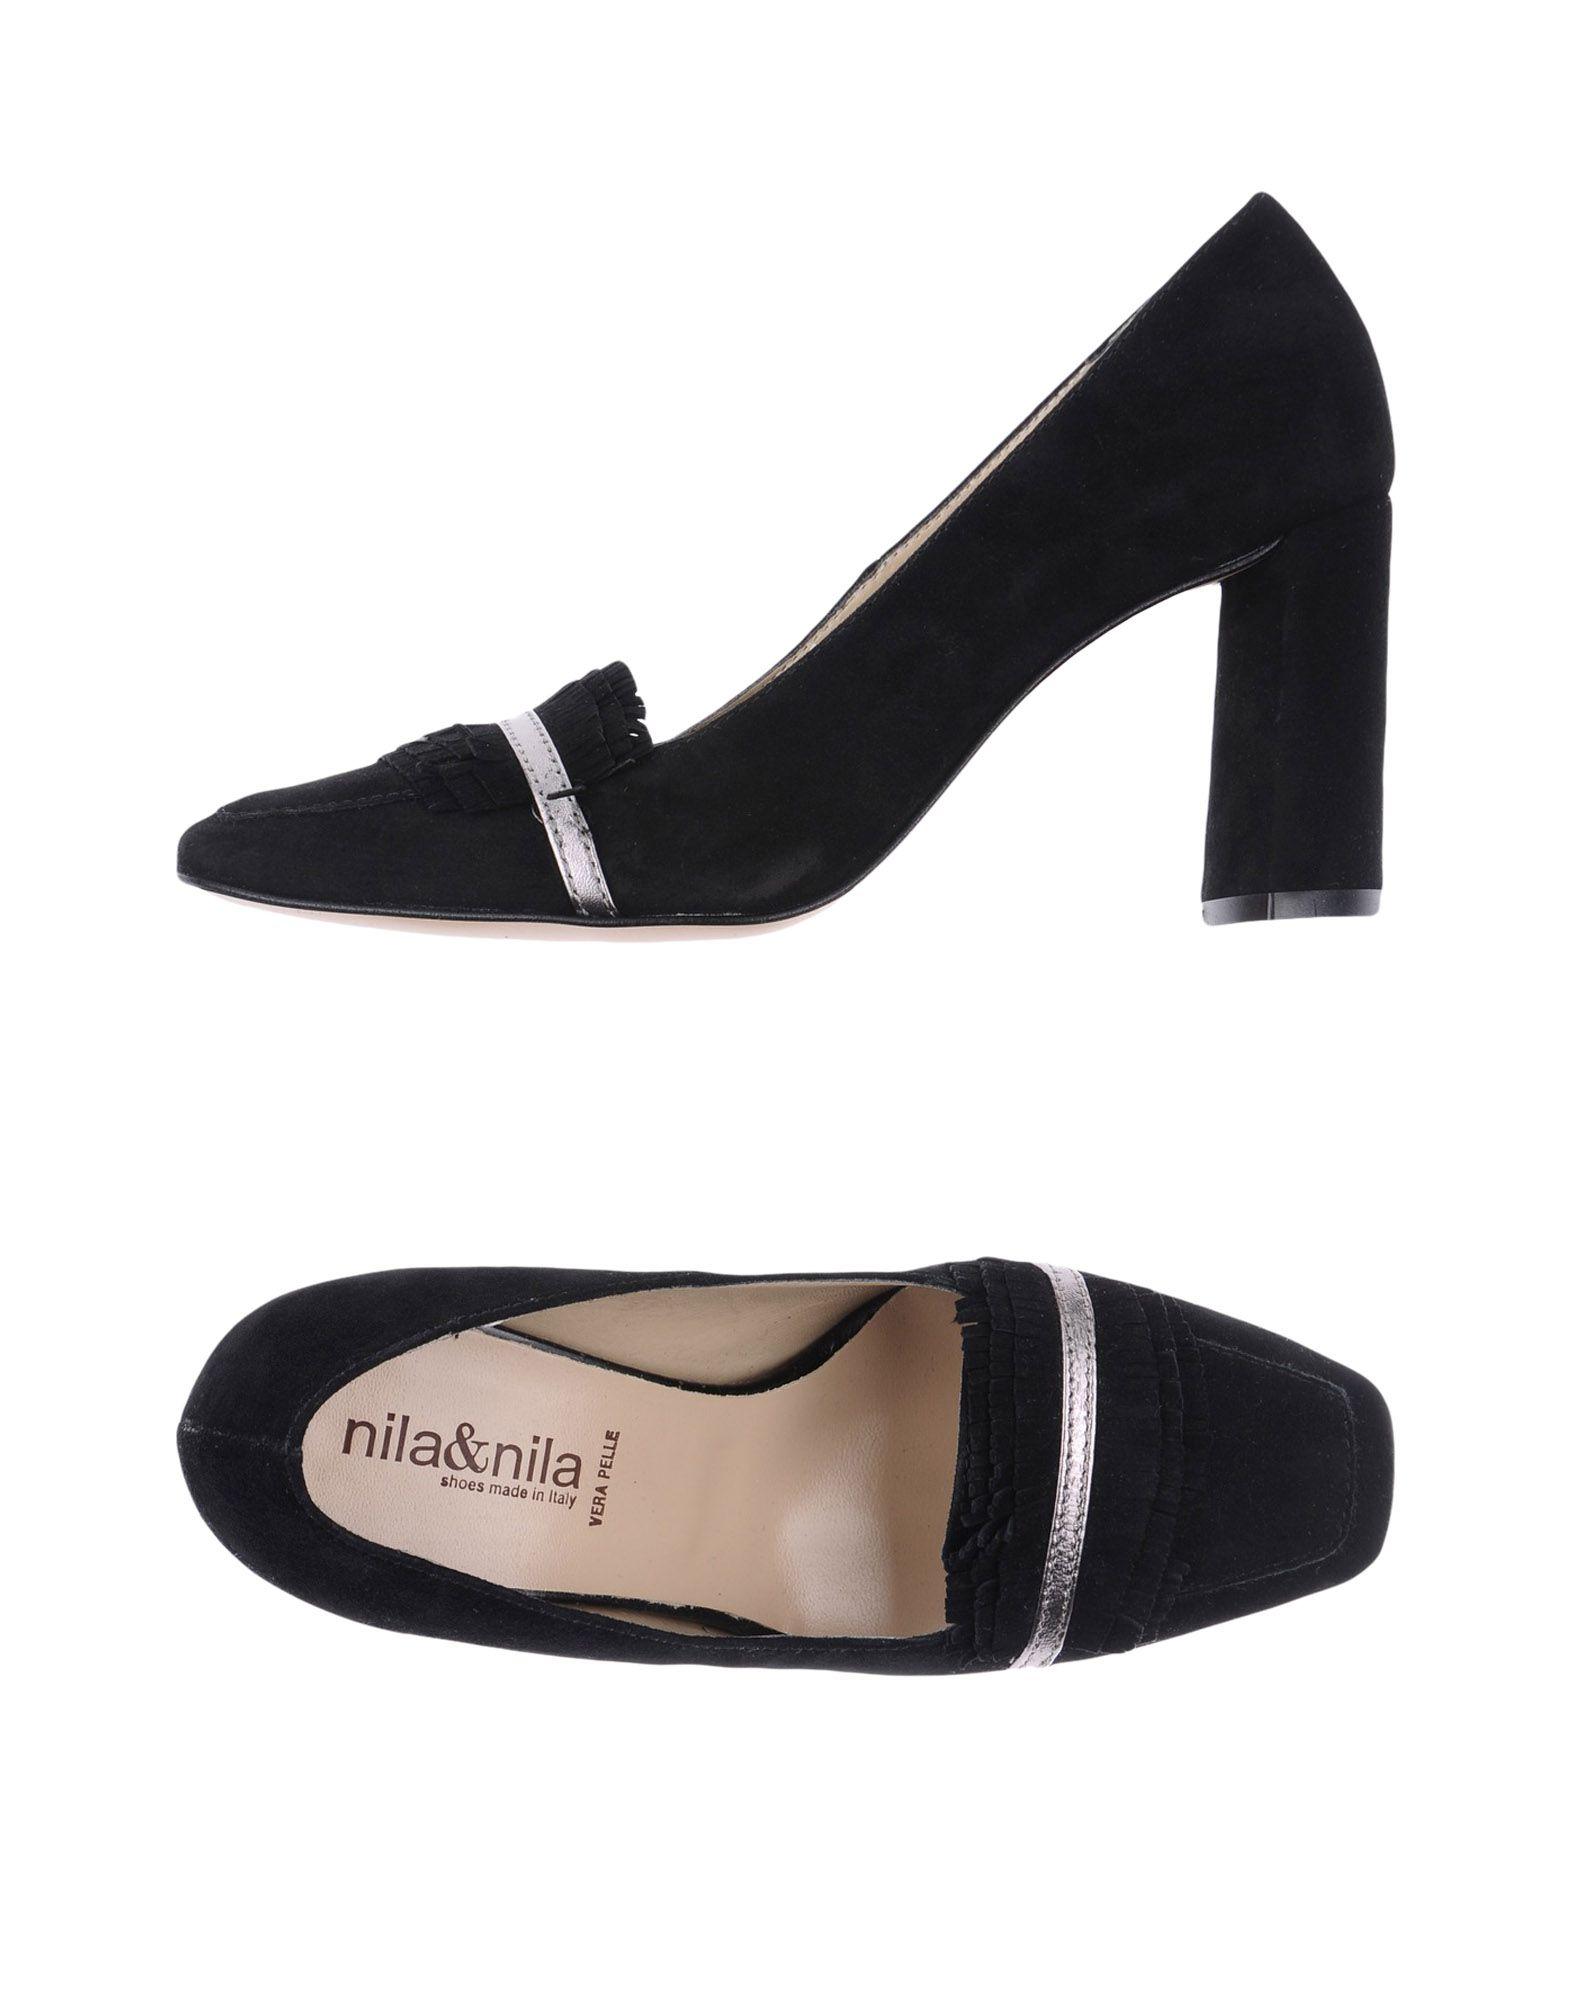 Nila & Nila Mokassins Damen  11347317TP Gute Qualität beliebte Schuhe